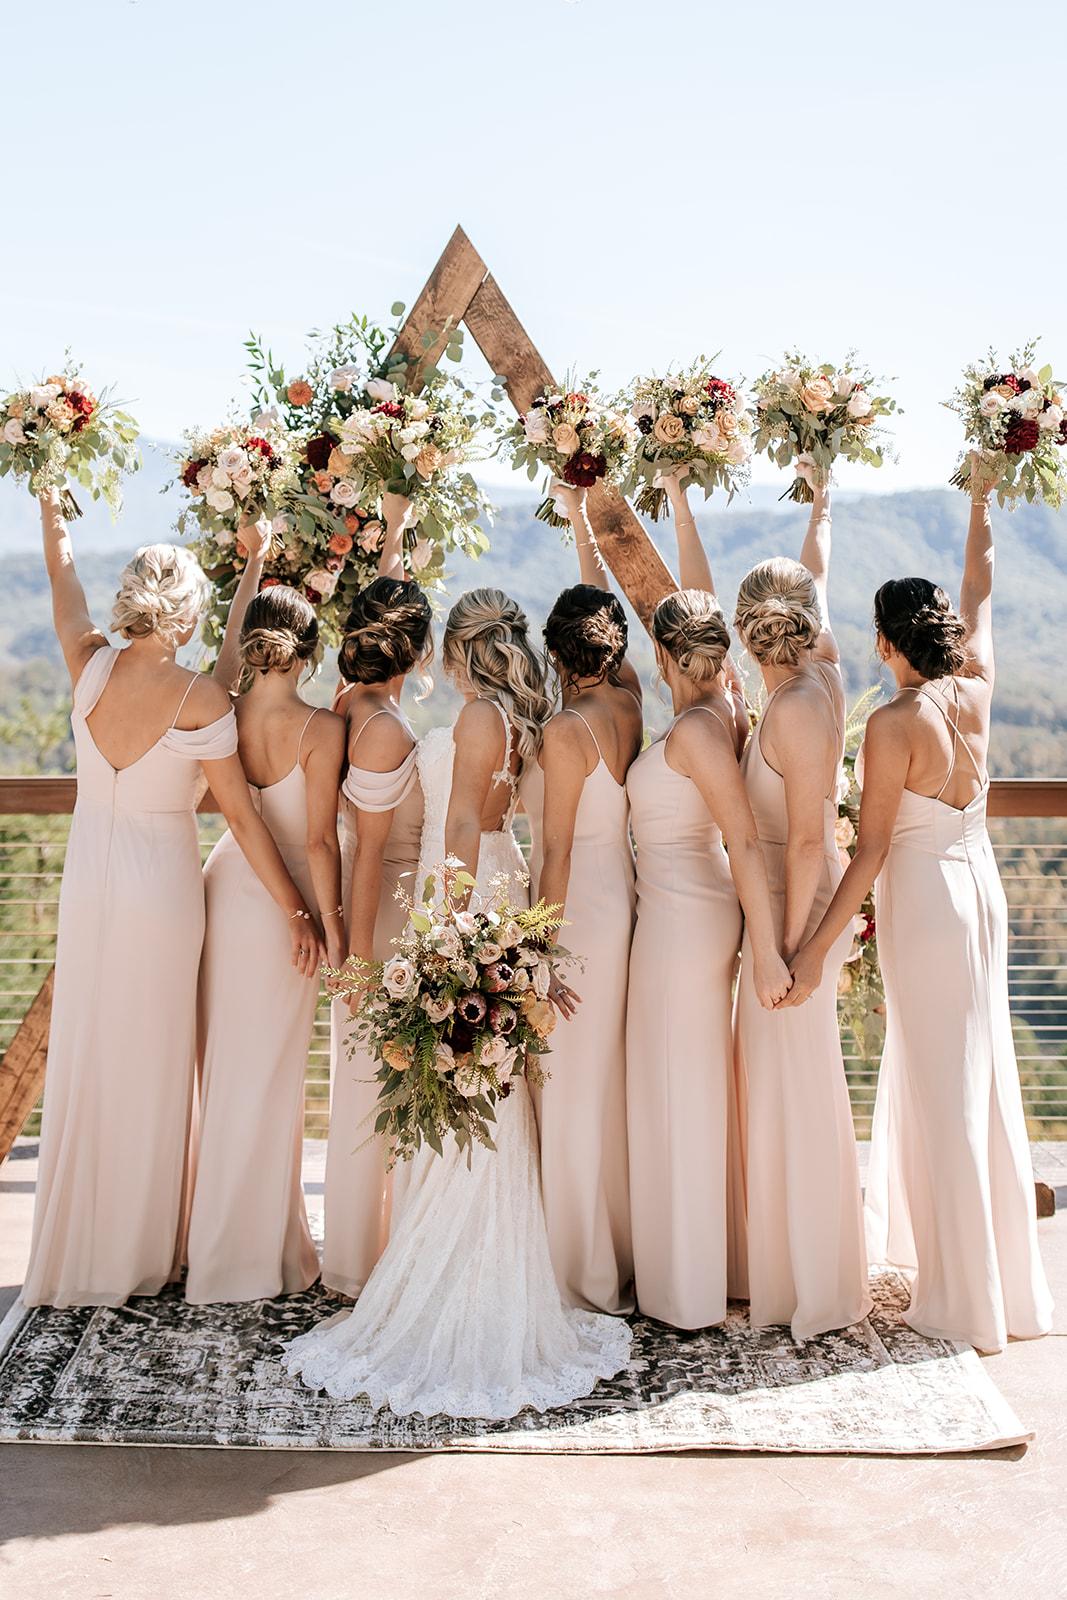 Unique and Fun Bridesmaid Photos on a Wedding Day